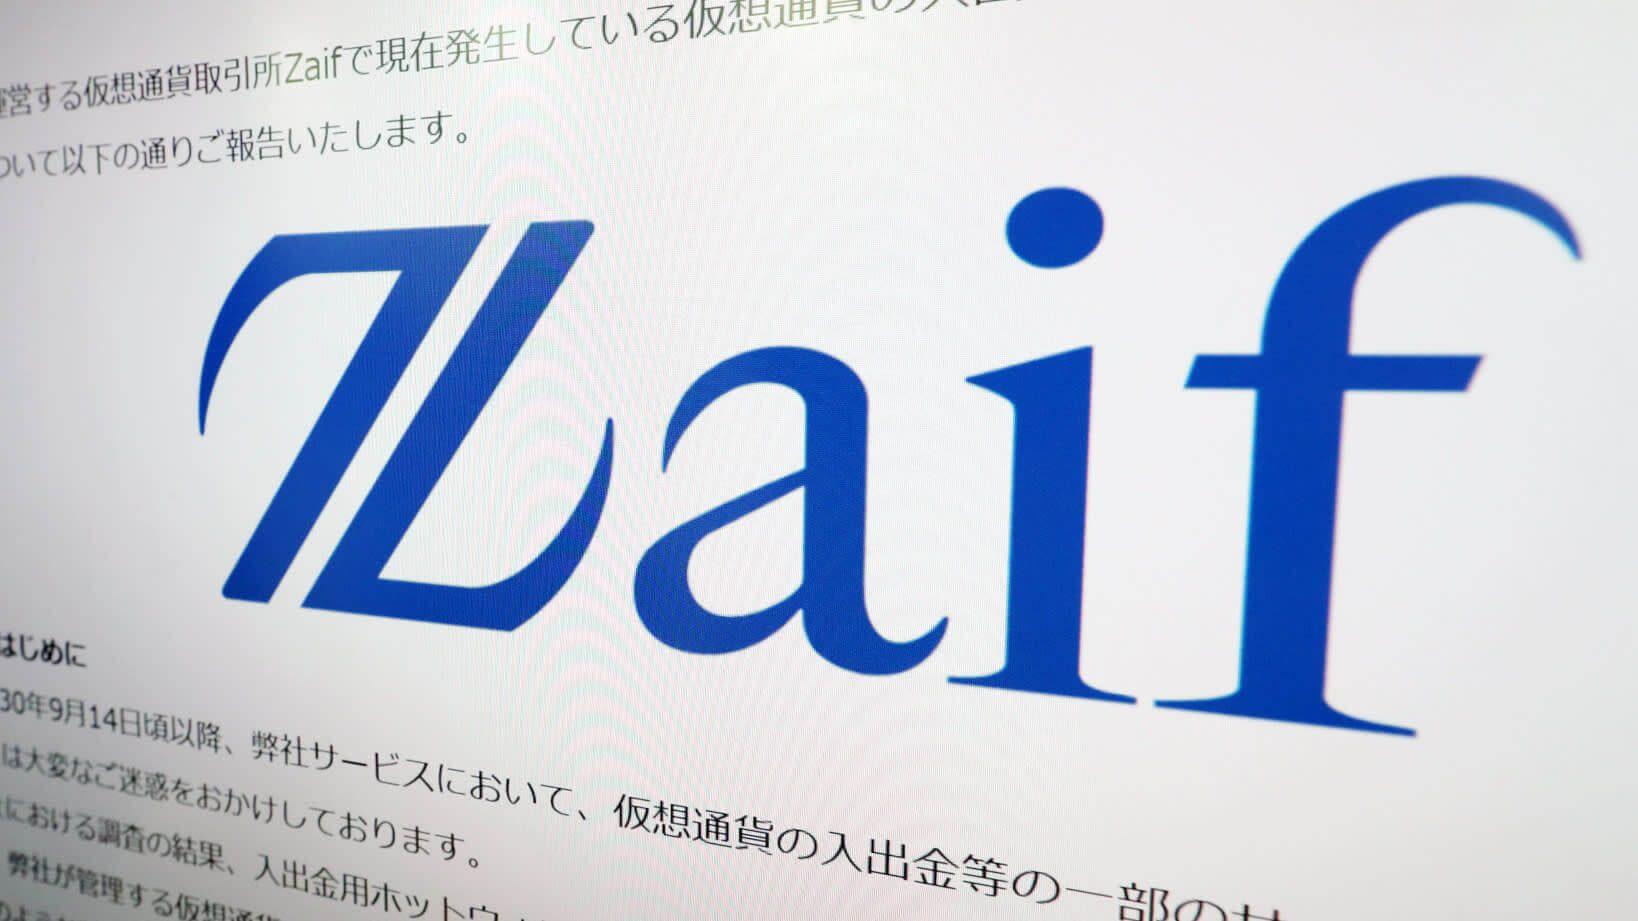 $ 60 triệu trong Crypto bị đánh cắp từ một sàn giao dịch khác của Nhật Bản